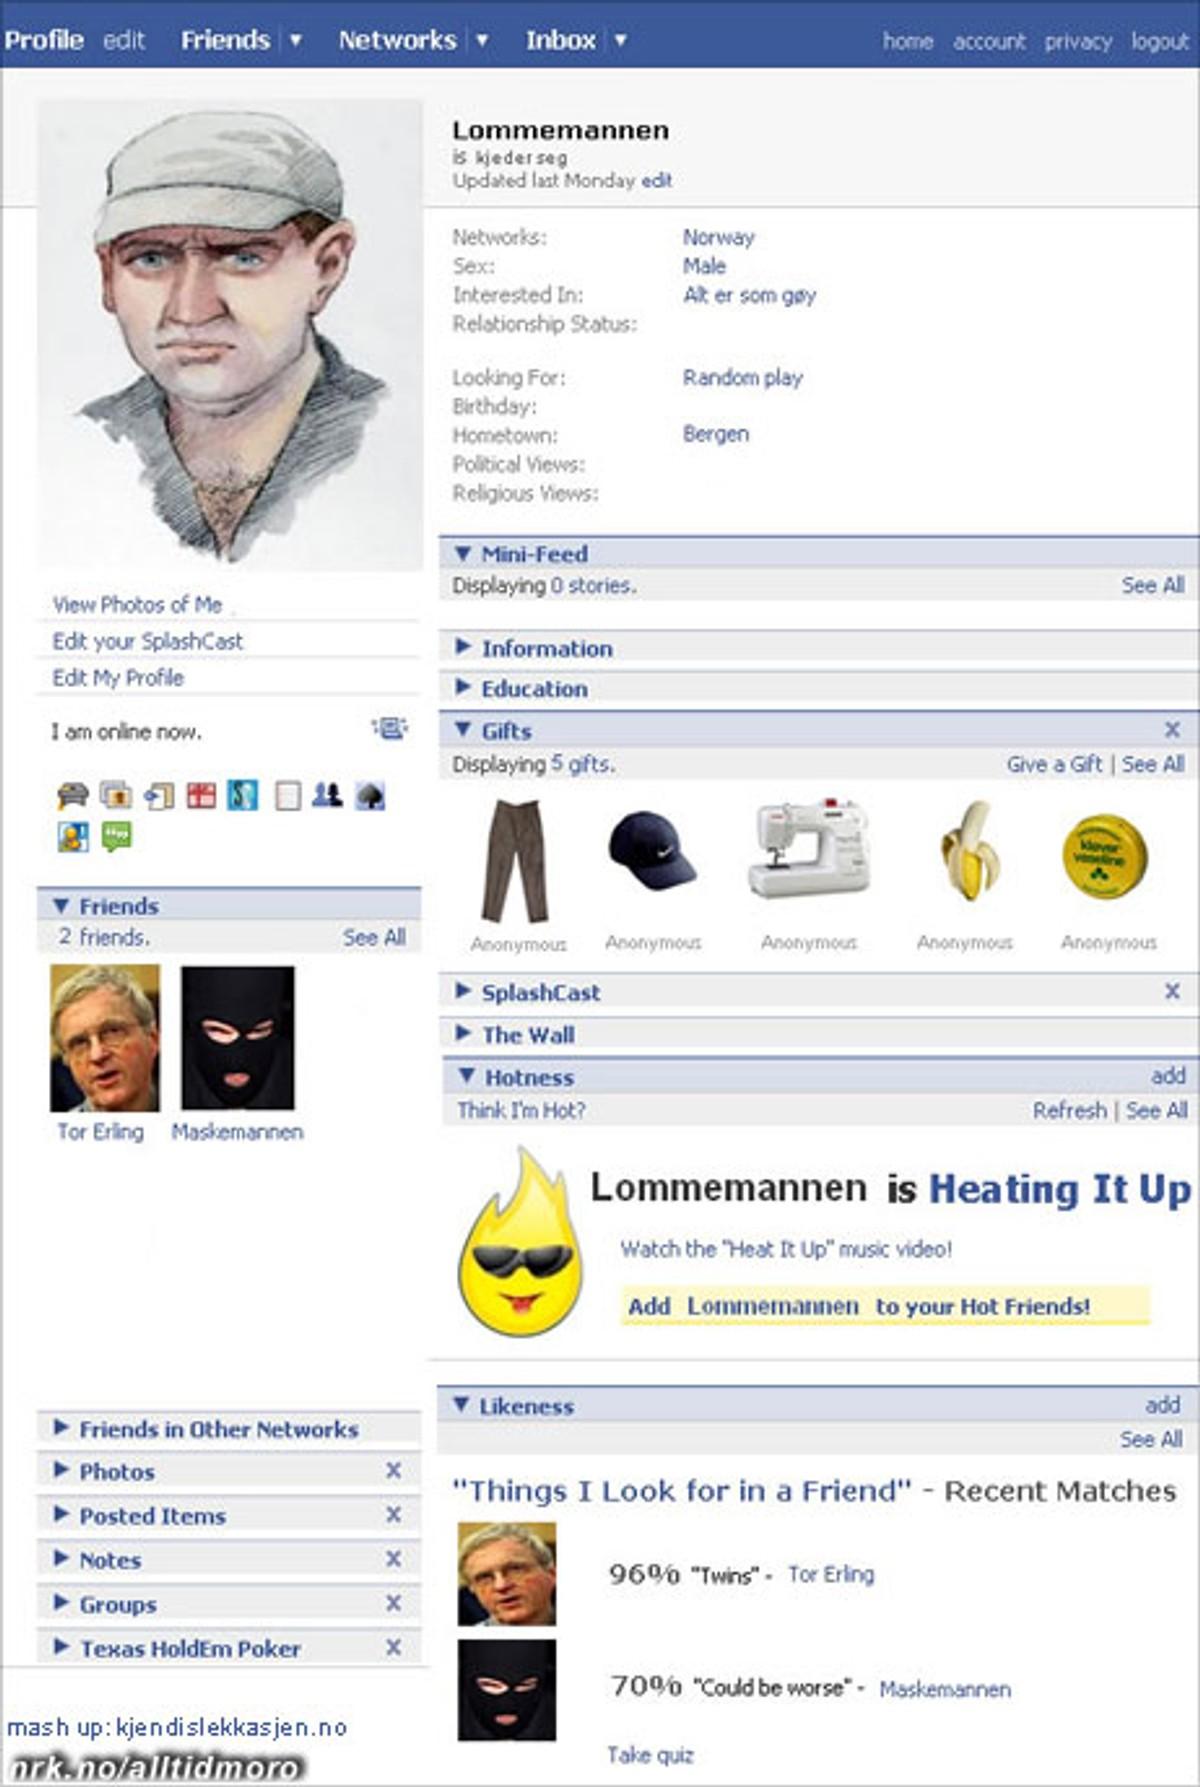 gratis online dating site i Brasilien